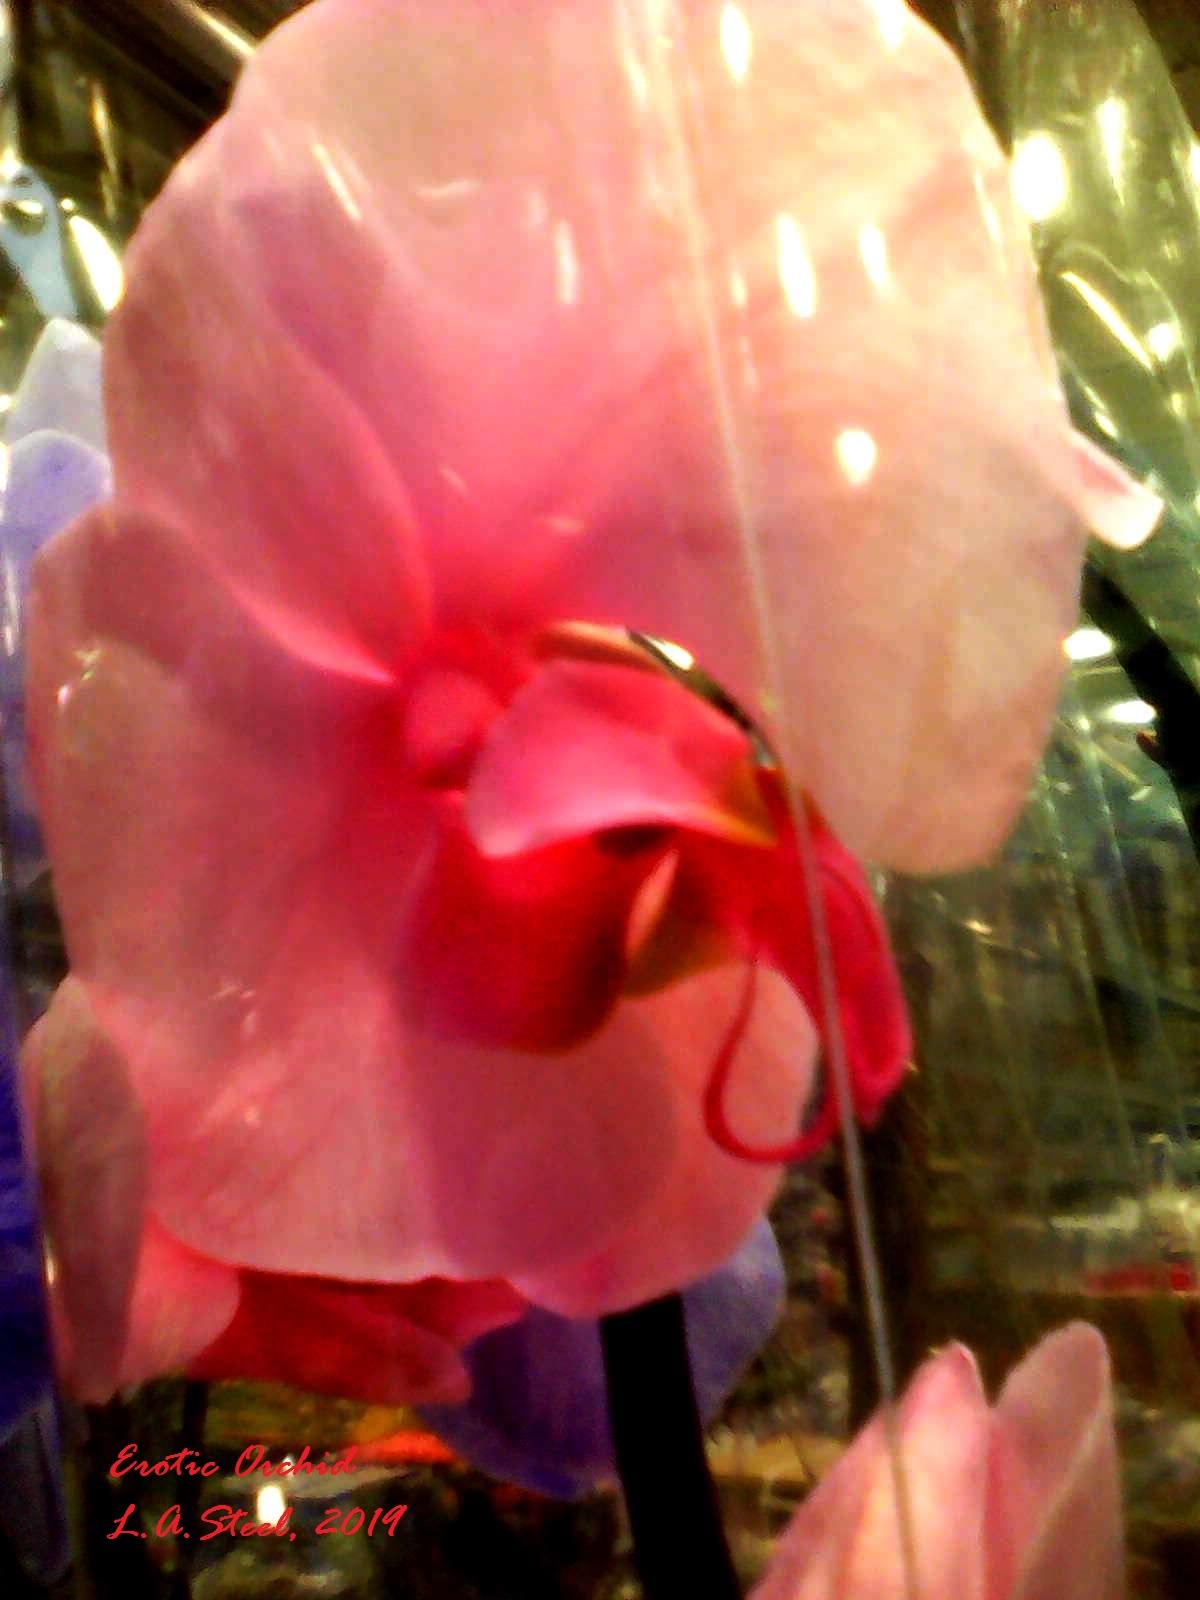 erotic orchid 2 2019